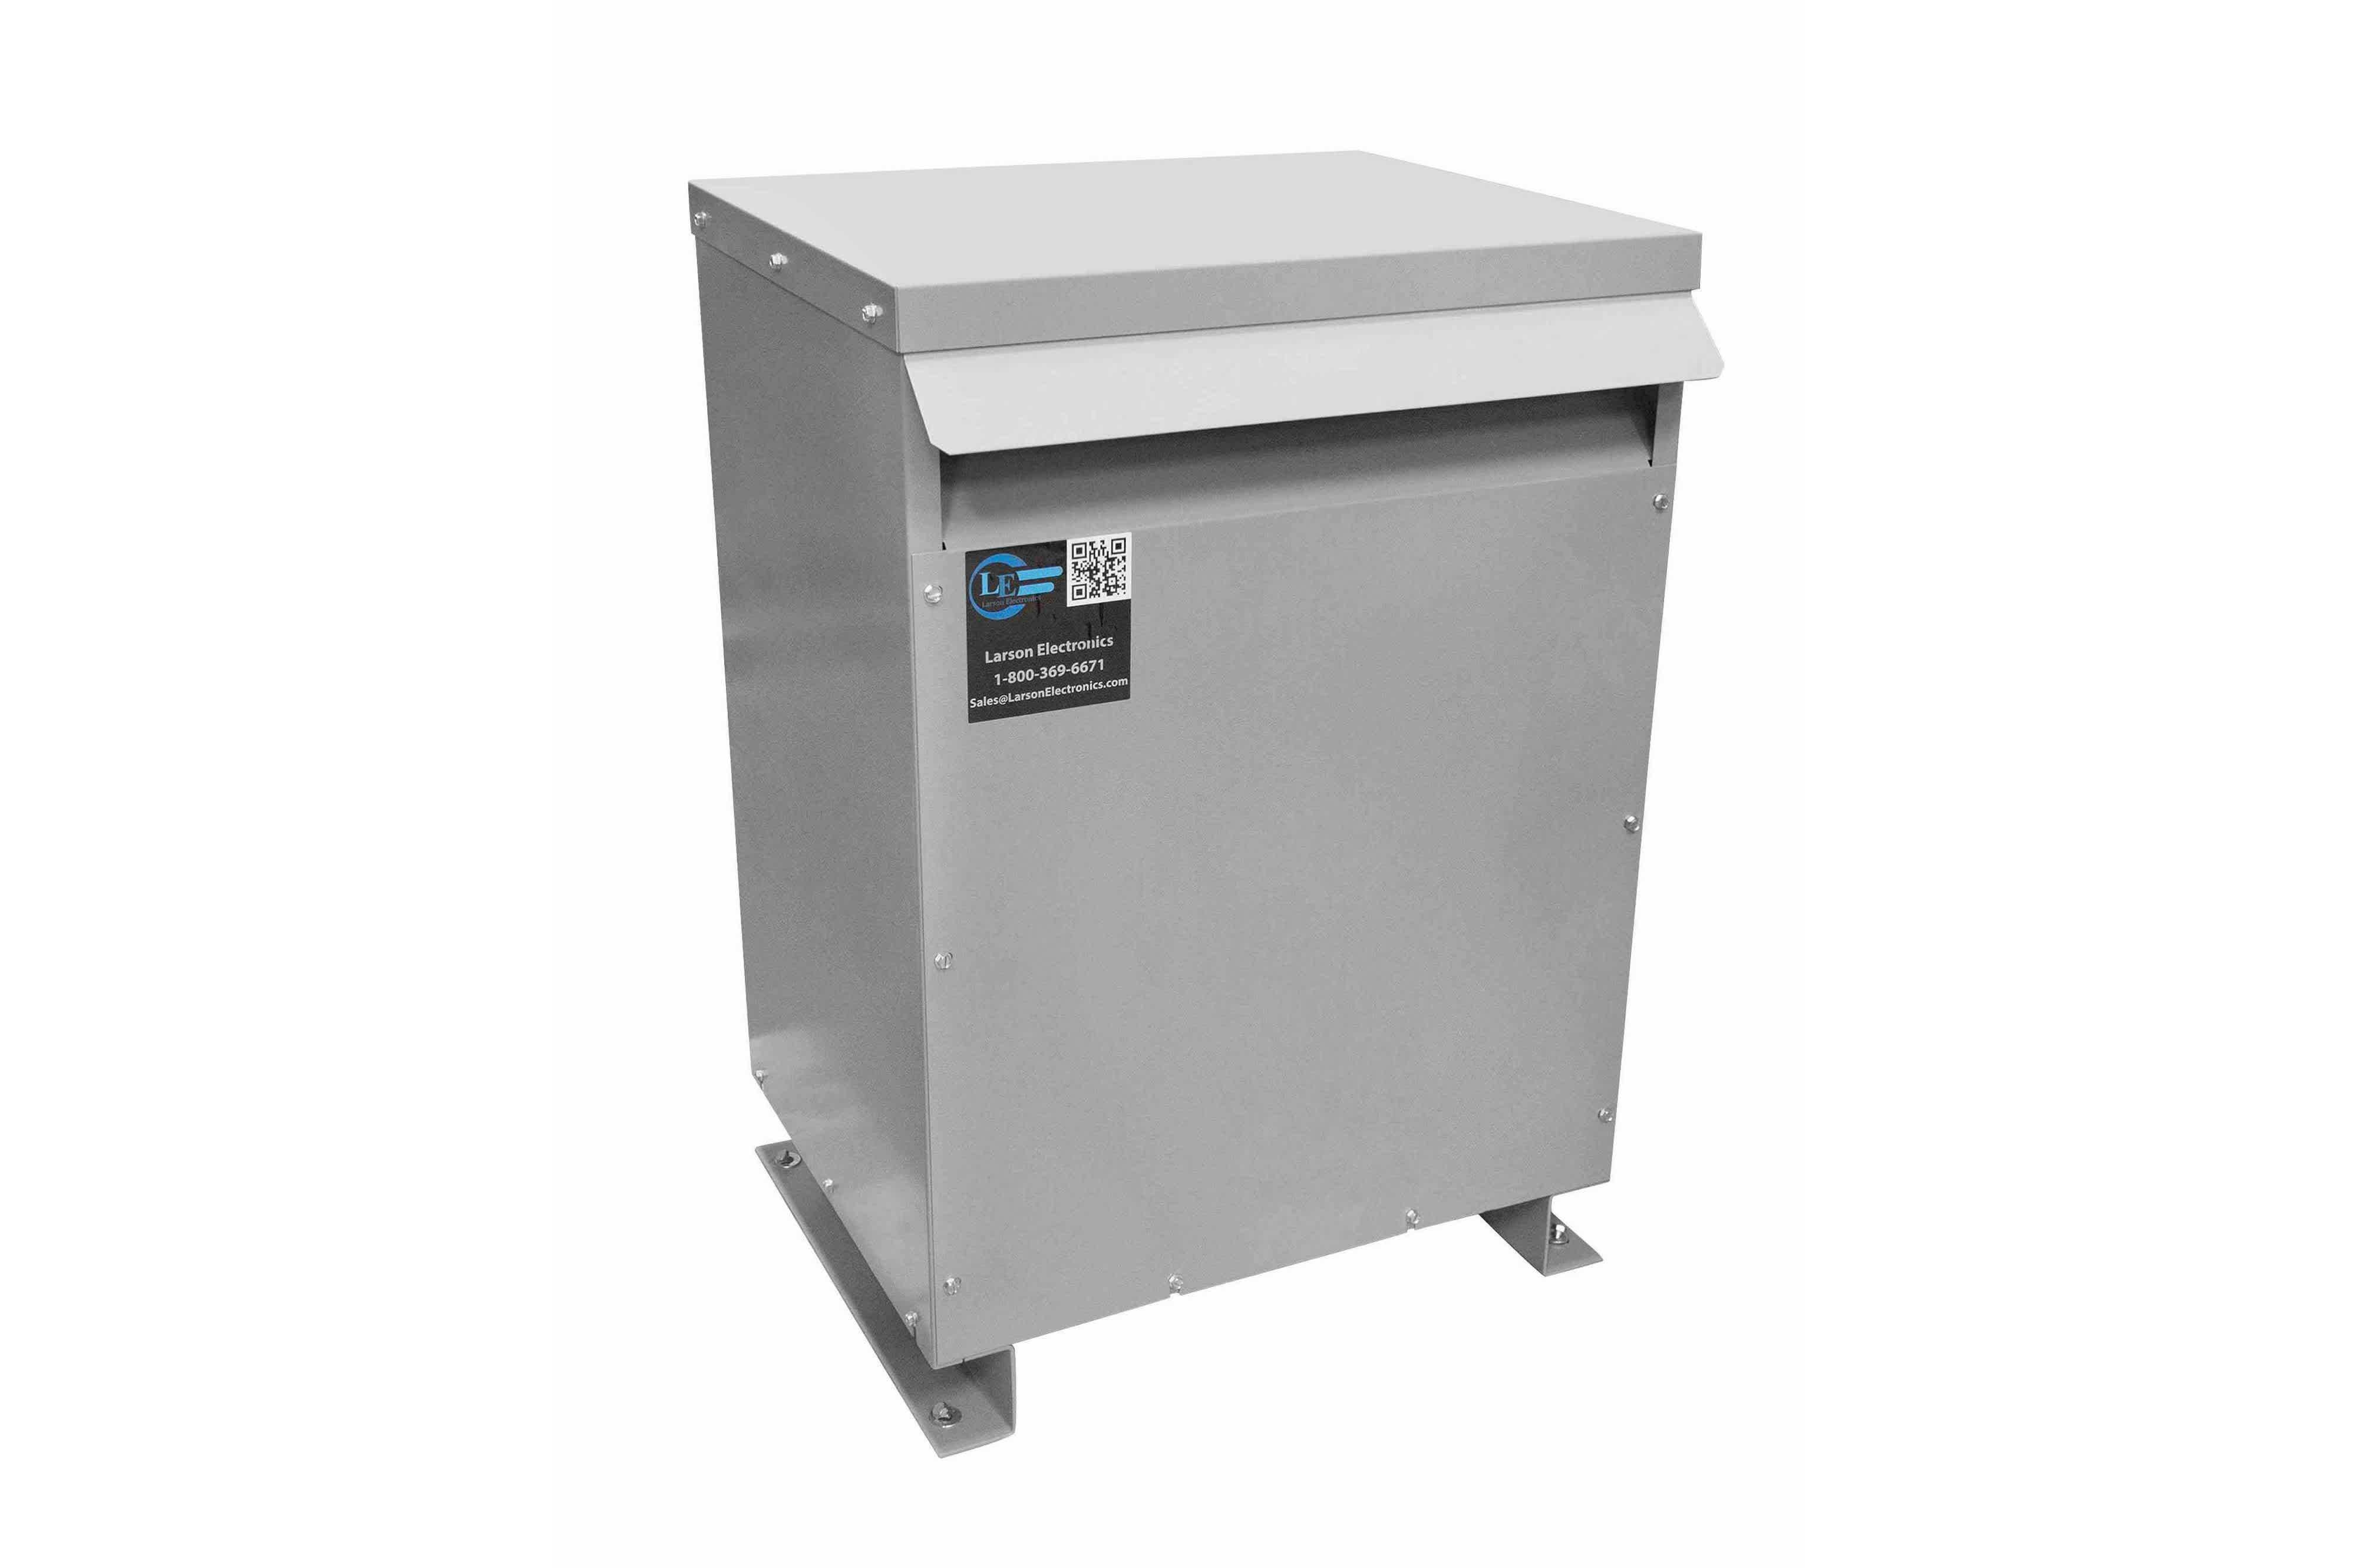 38 kVA 3PH Isolation Transformer, 600V Delta Primary, 208V Delta Secondary, N3R, Ventilated, 60 Hz